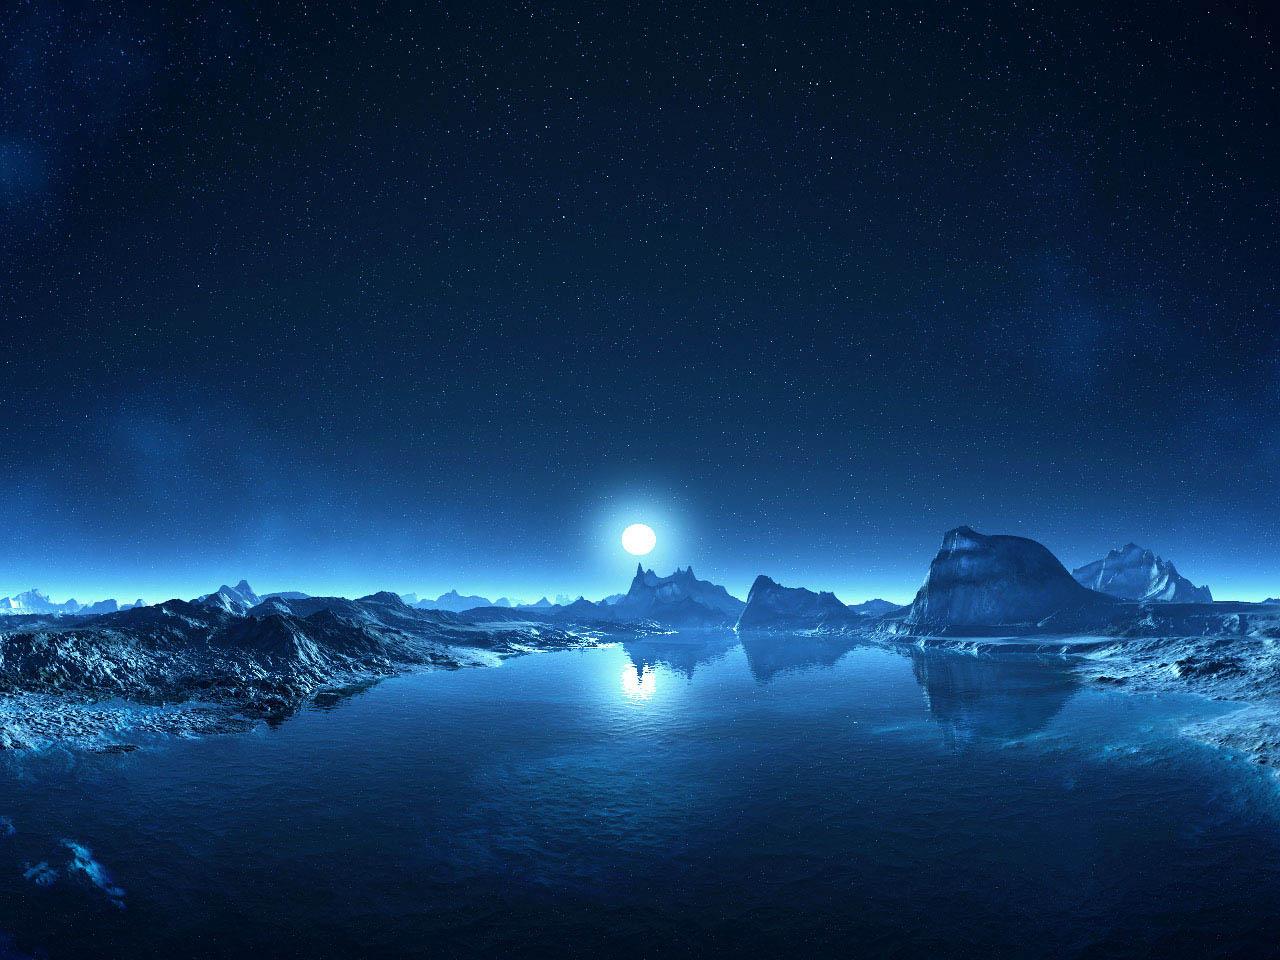 湖畔の岩場からのぞく月